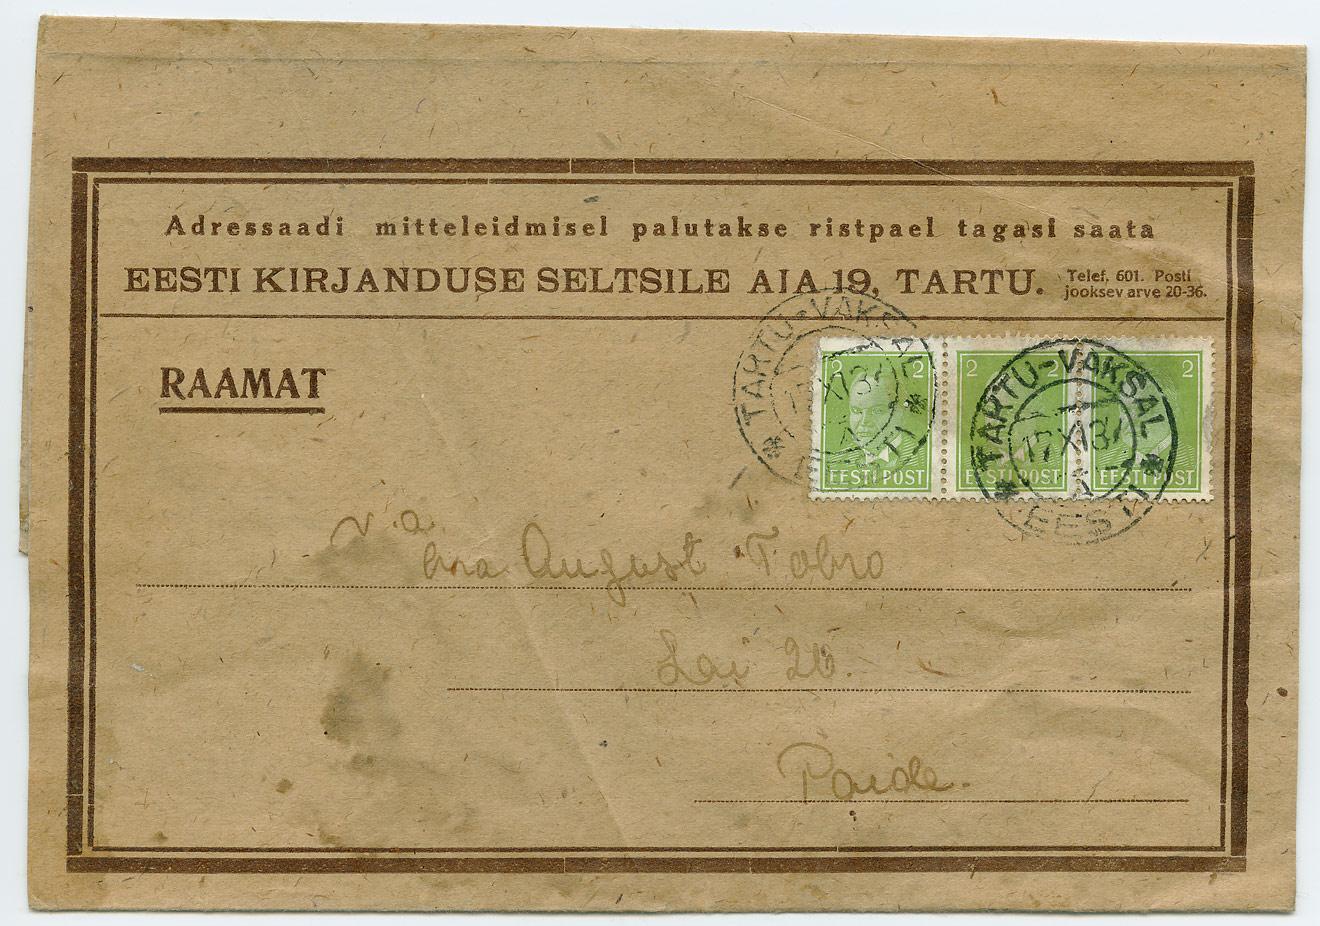 0603-Raamat-panderoll-ristpael-omakirjastus-Tartu-Paide-1937